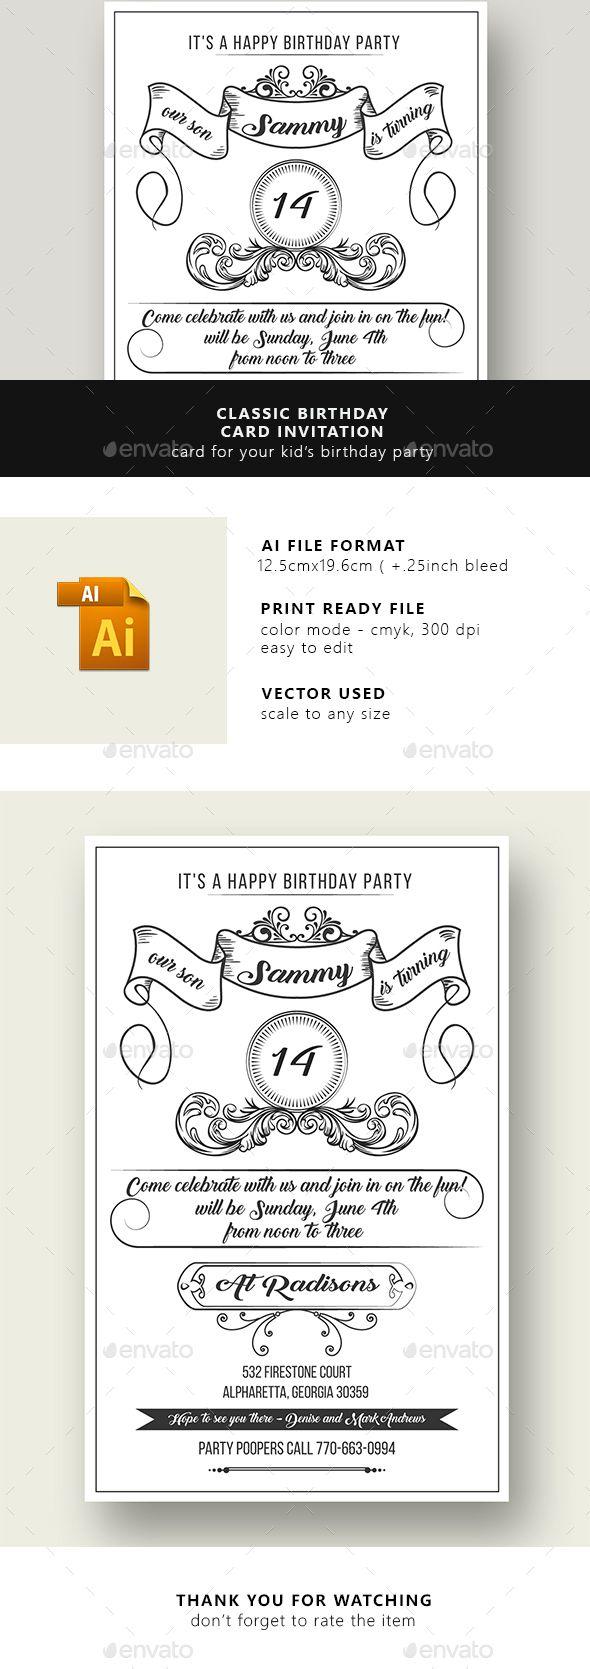 Unique Birthday Invitation Card Template Ideas On Pinterest - Birthday invitation card eps